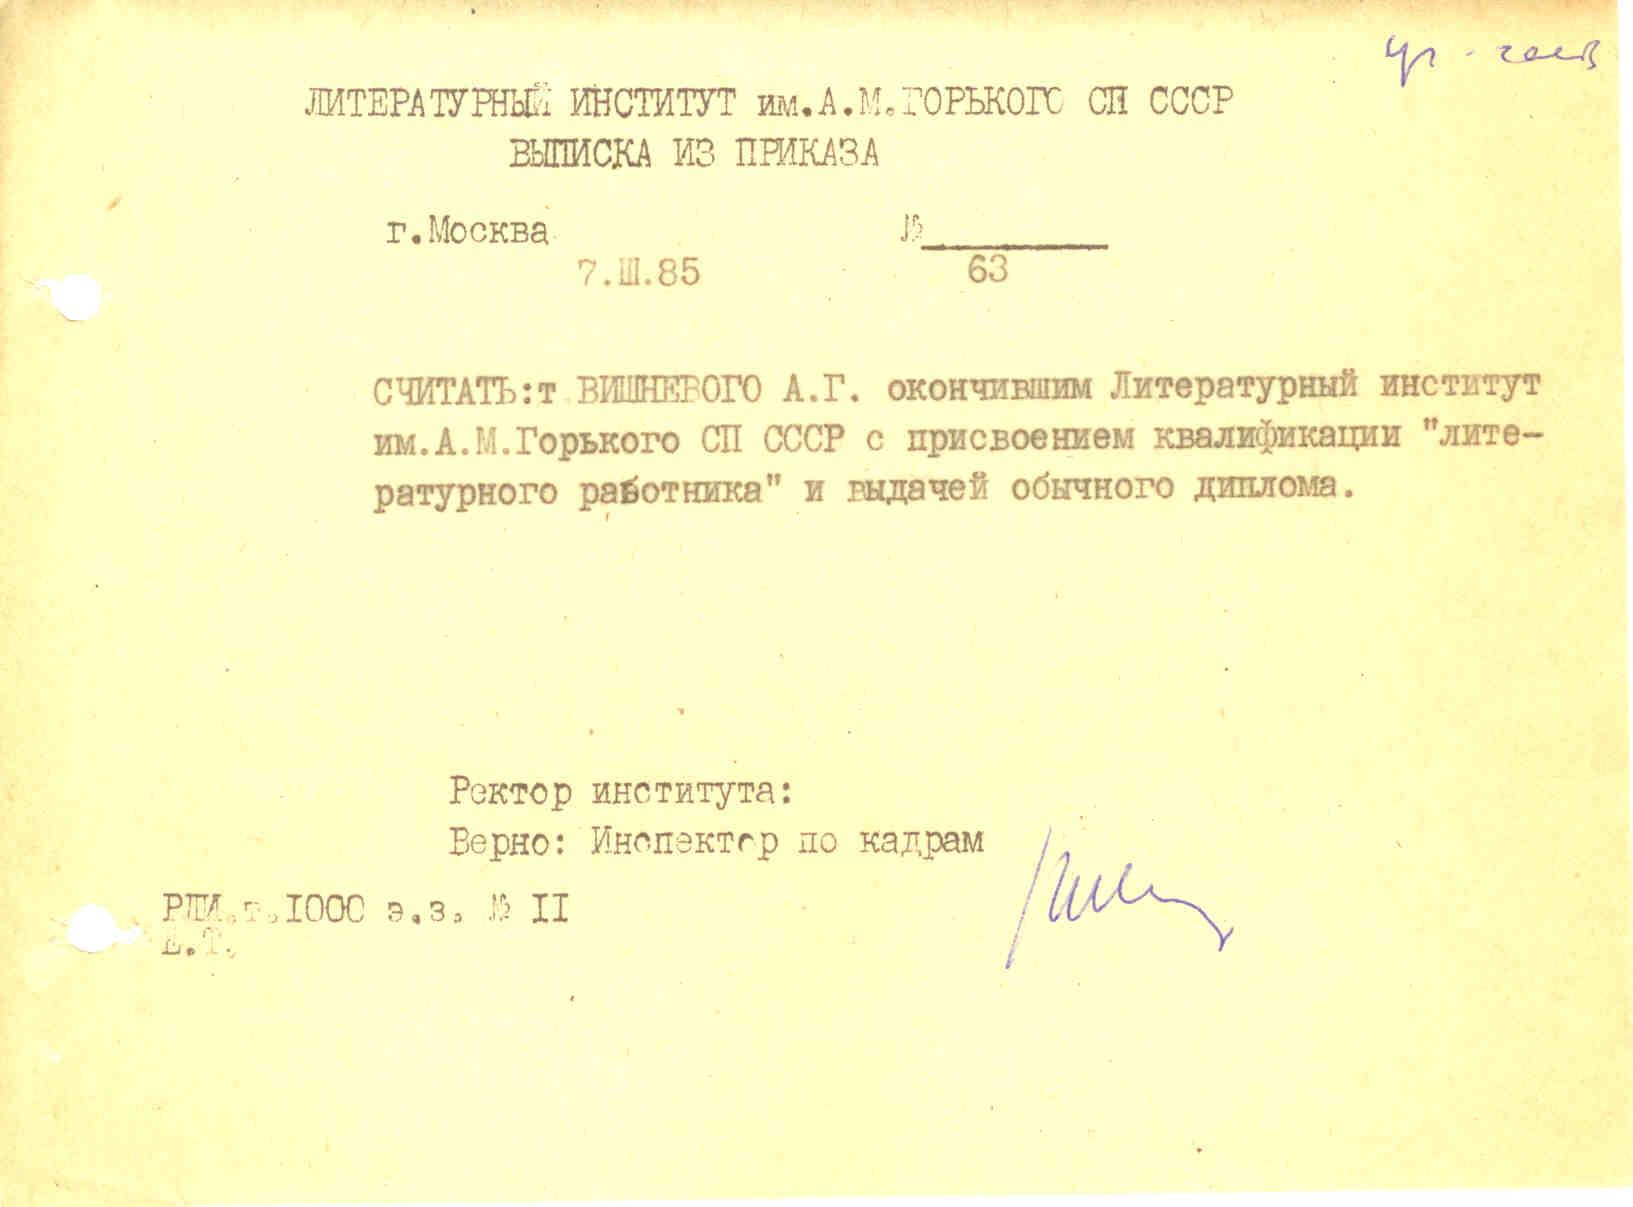 Личное Дело студента А Вишневого в архиве Литературного  Приказ о выдаче диплома 1985 г